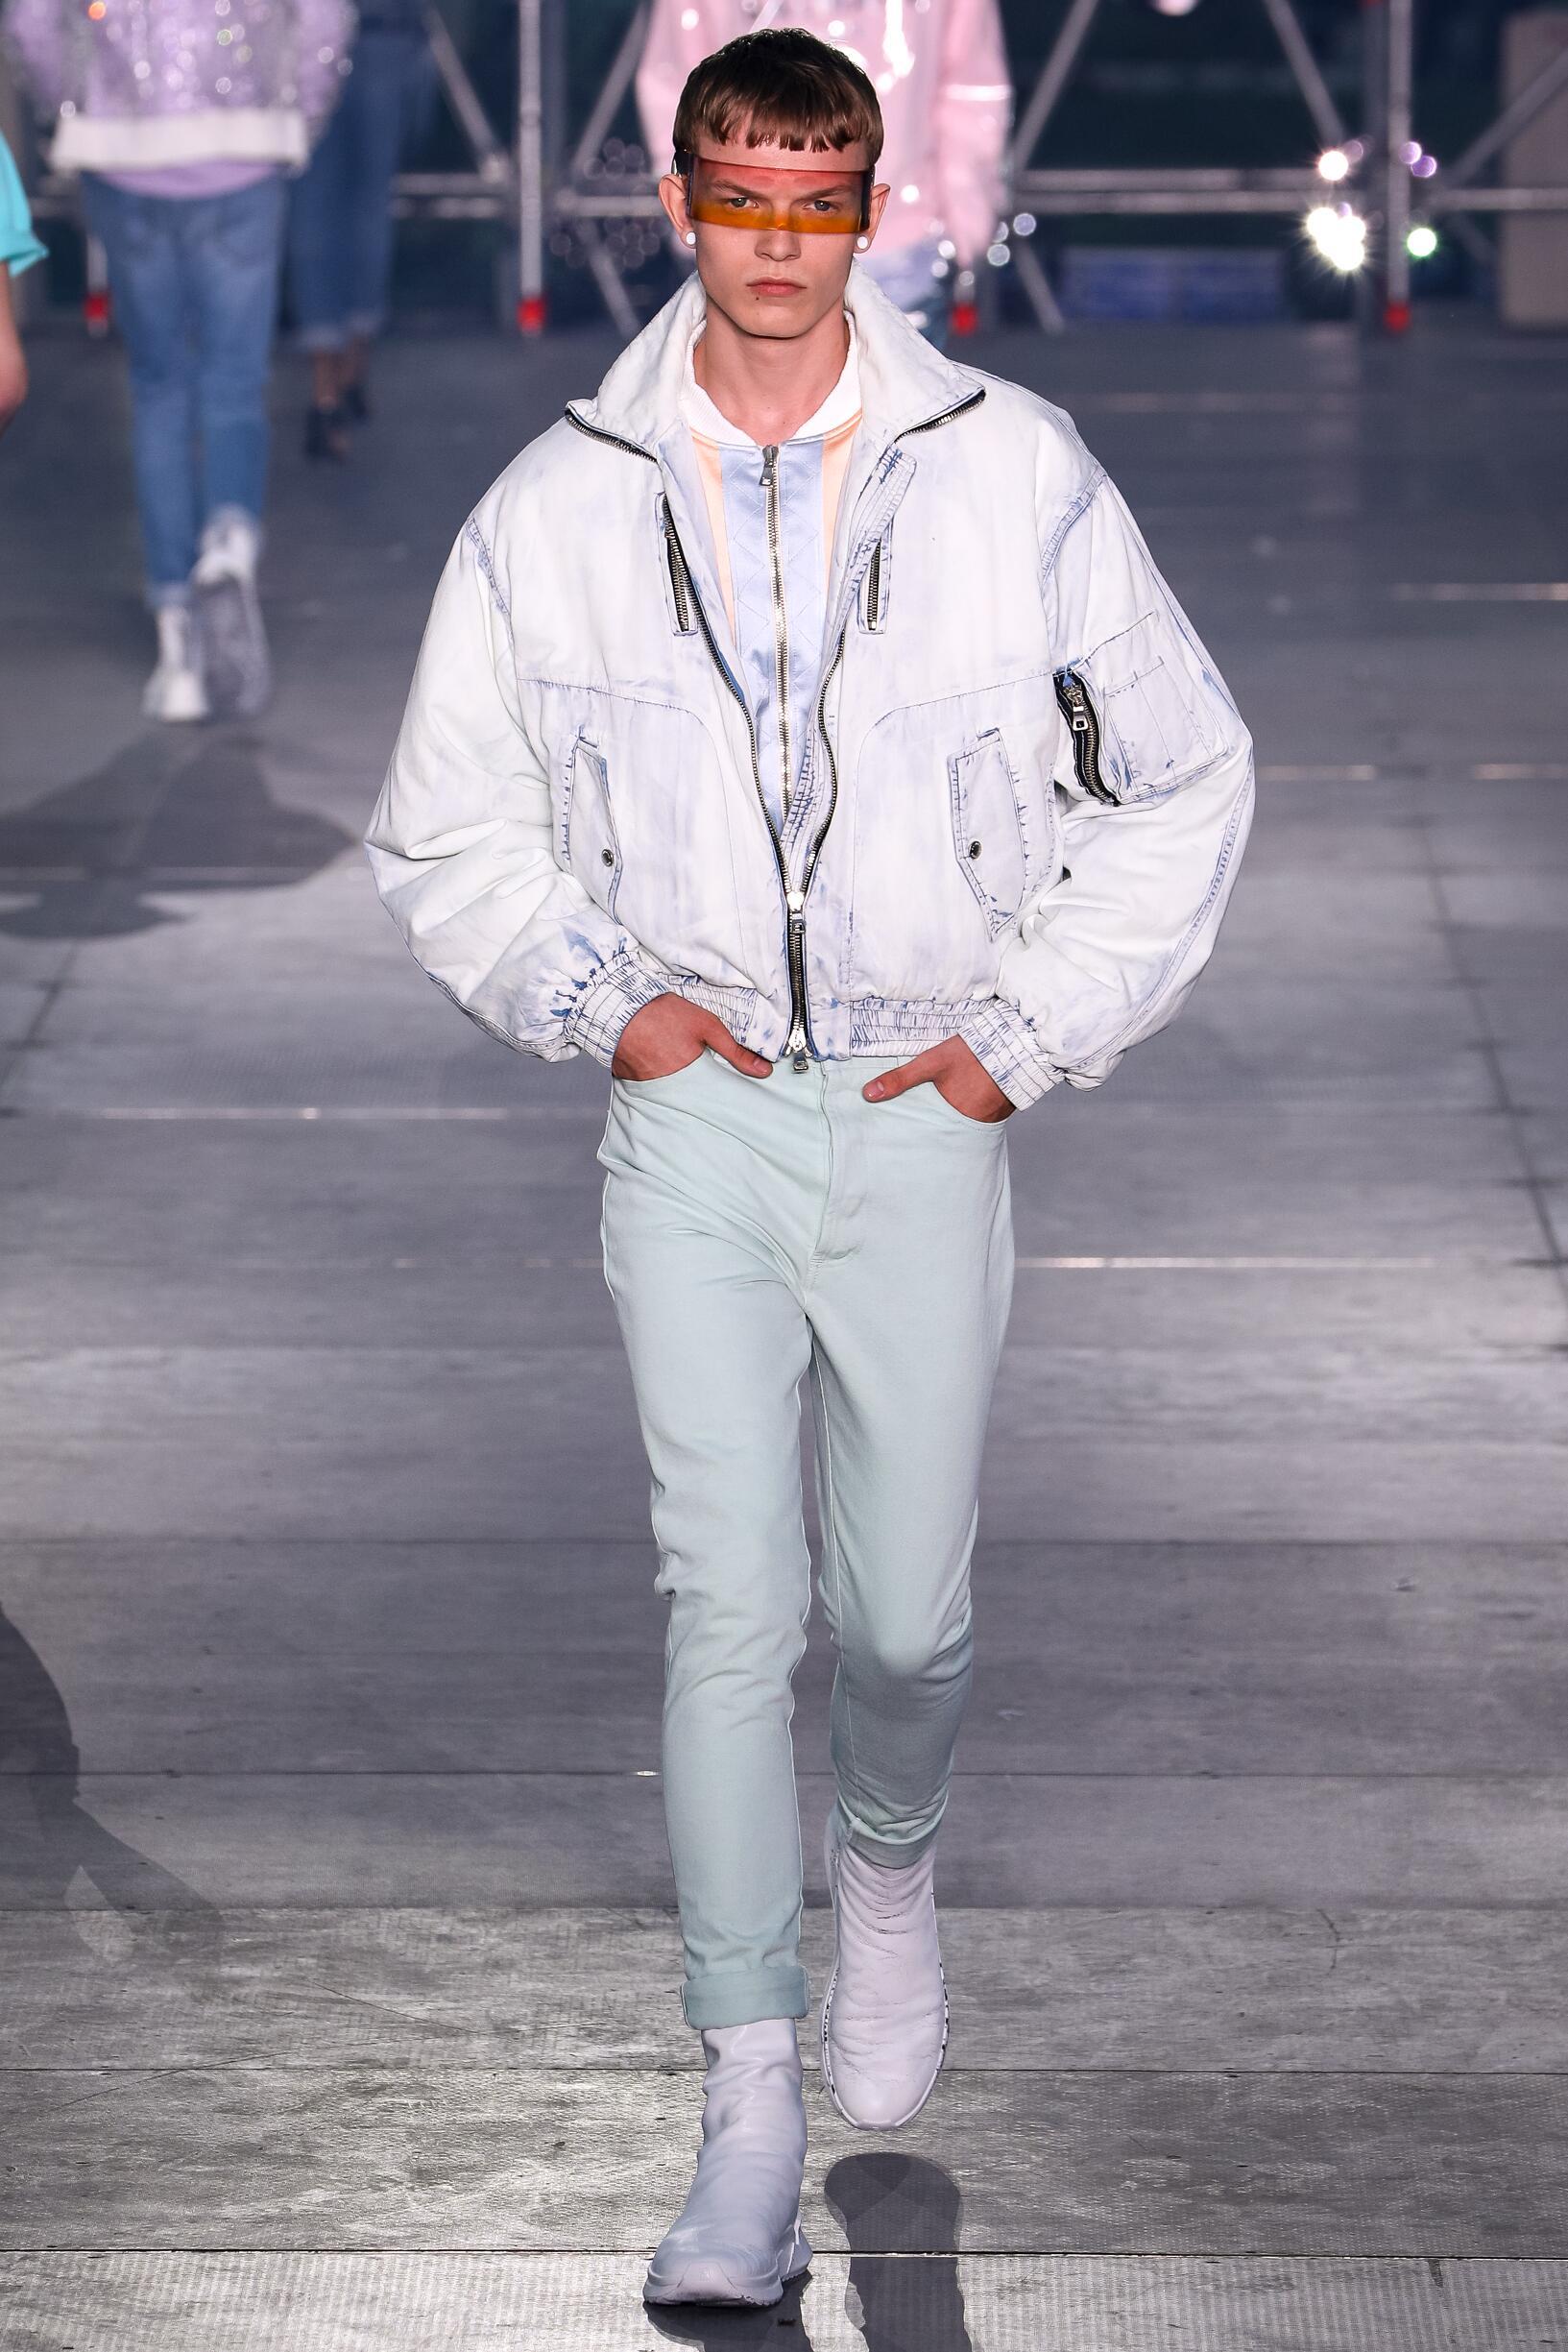 Catwalk Balmain Man Fashion Show Summer 2020